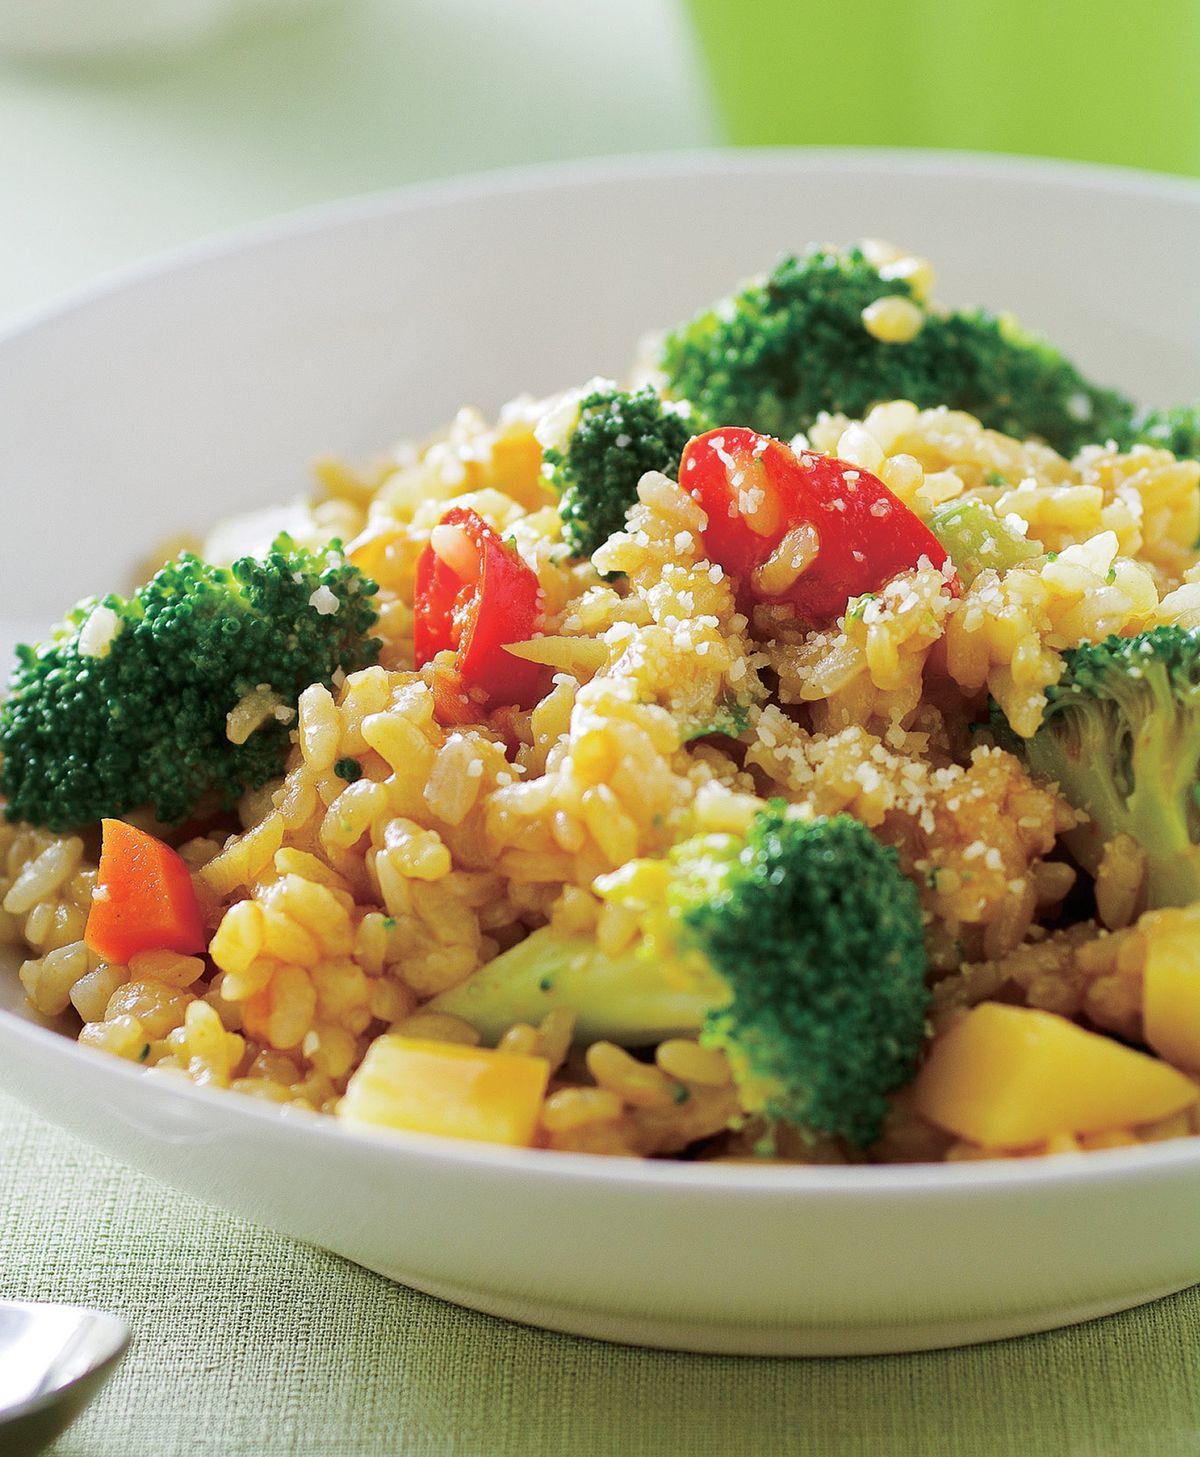 食譜:咖哩花椰菜燉飯